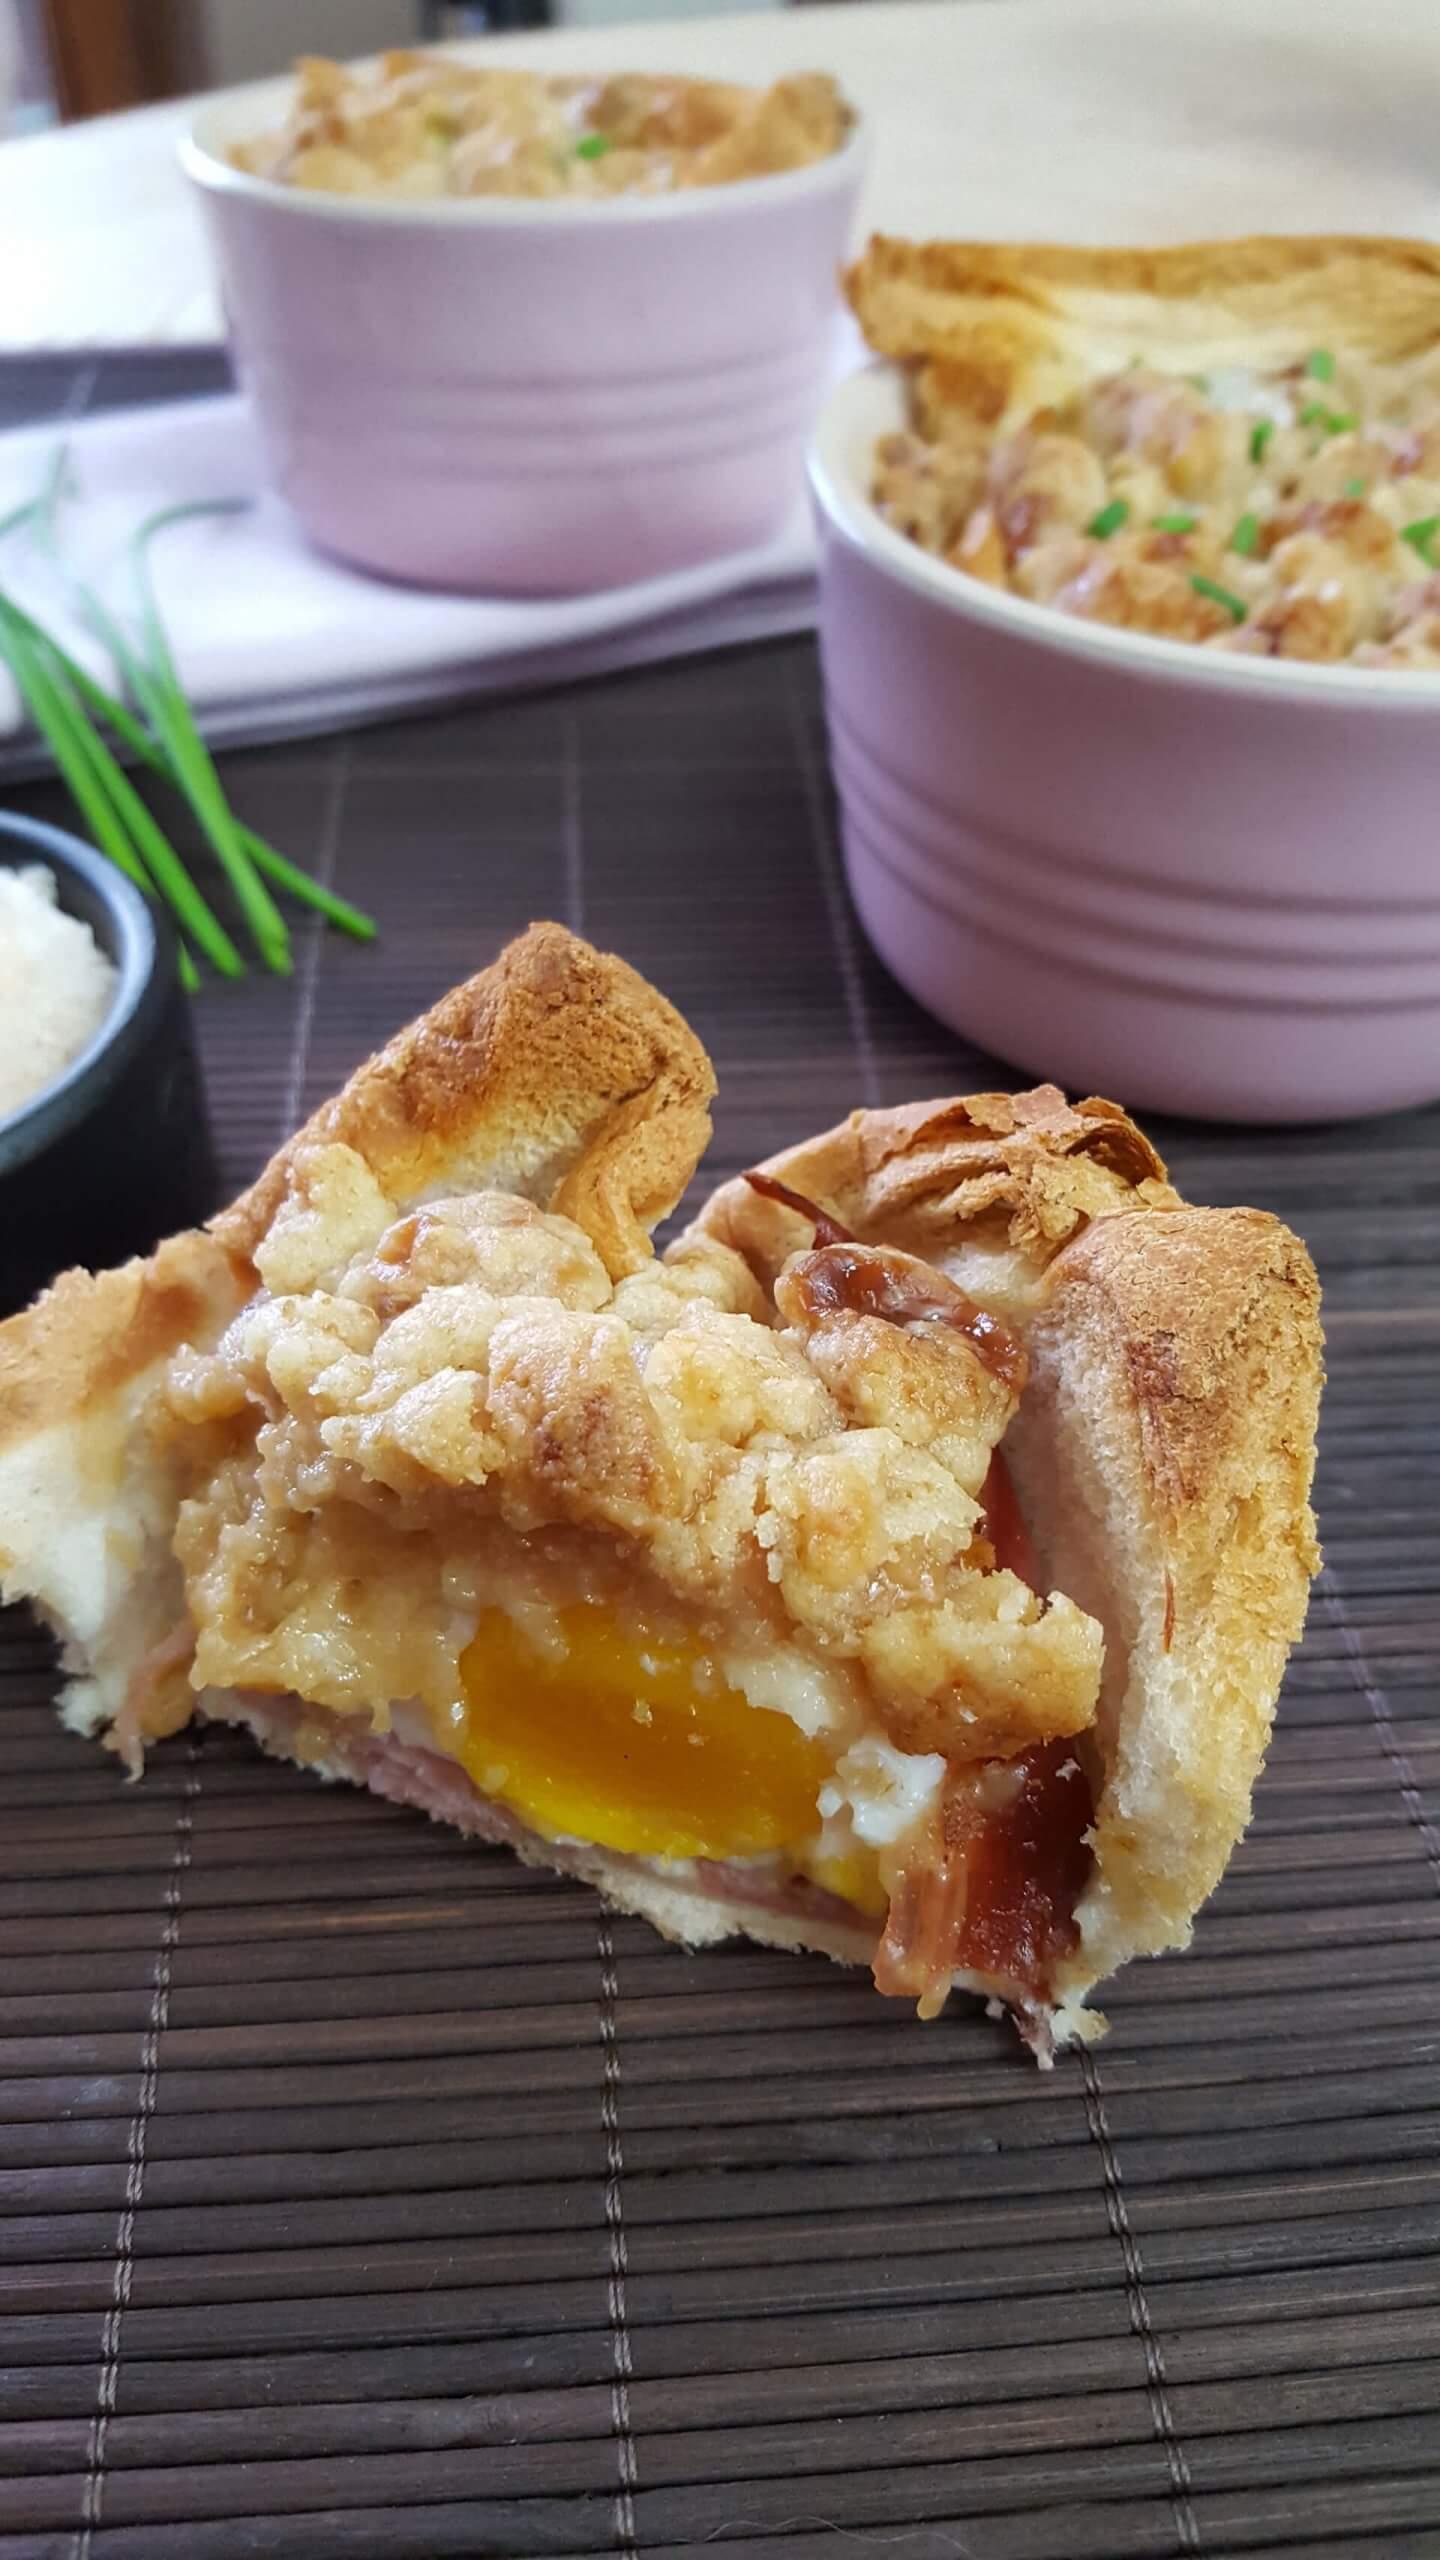 Es ist Zeit für unsere 10. Gäste: Cat & Onkel von Schlemmerkatze bringen uns Toast-Muffins mit Ei